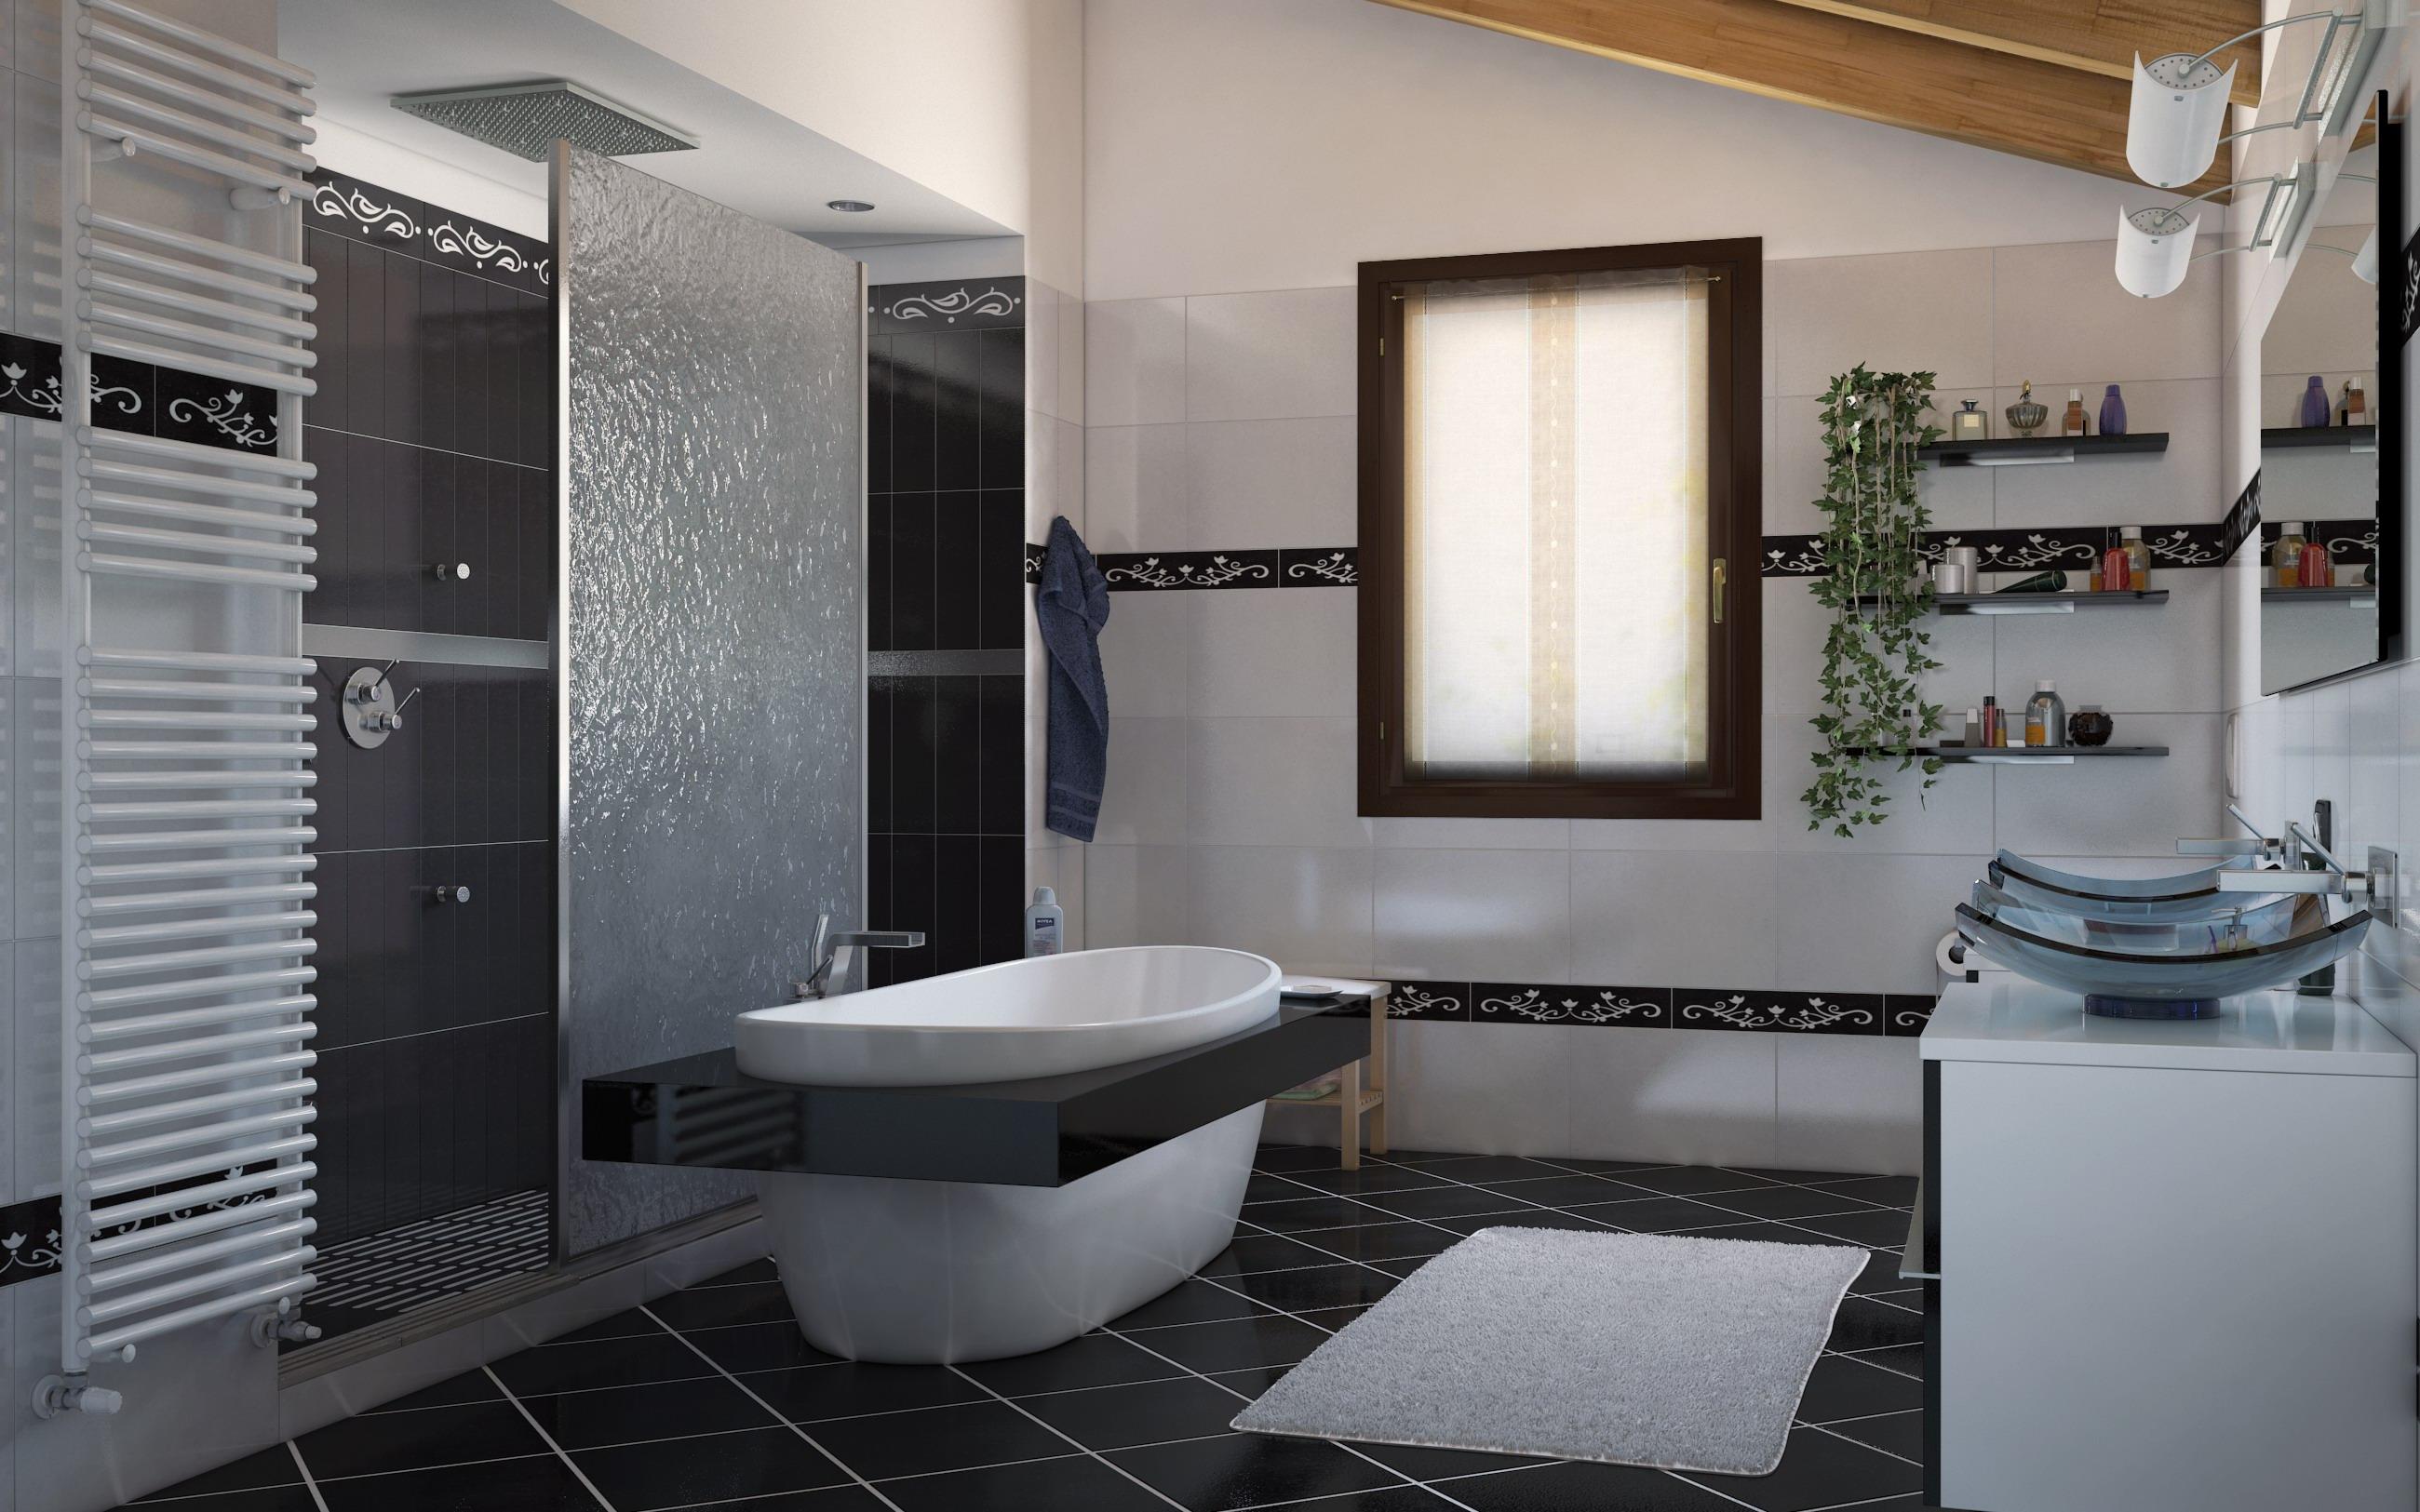 Arredamento Vasca Da Bagno Piccola : Progettare il bagno ecco consigli utili bagnolandia